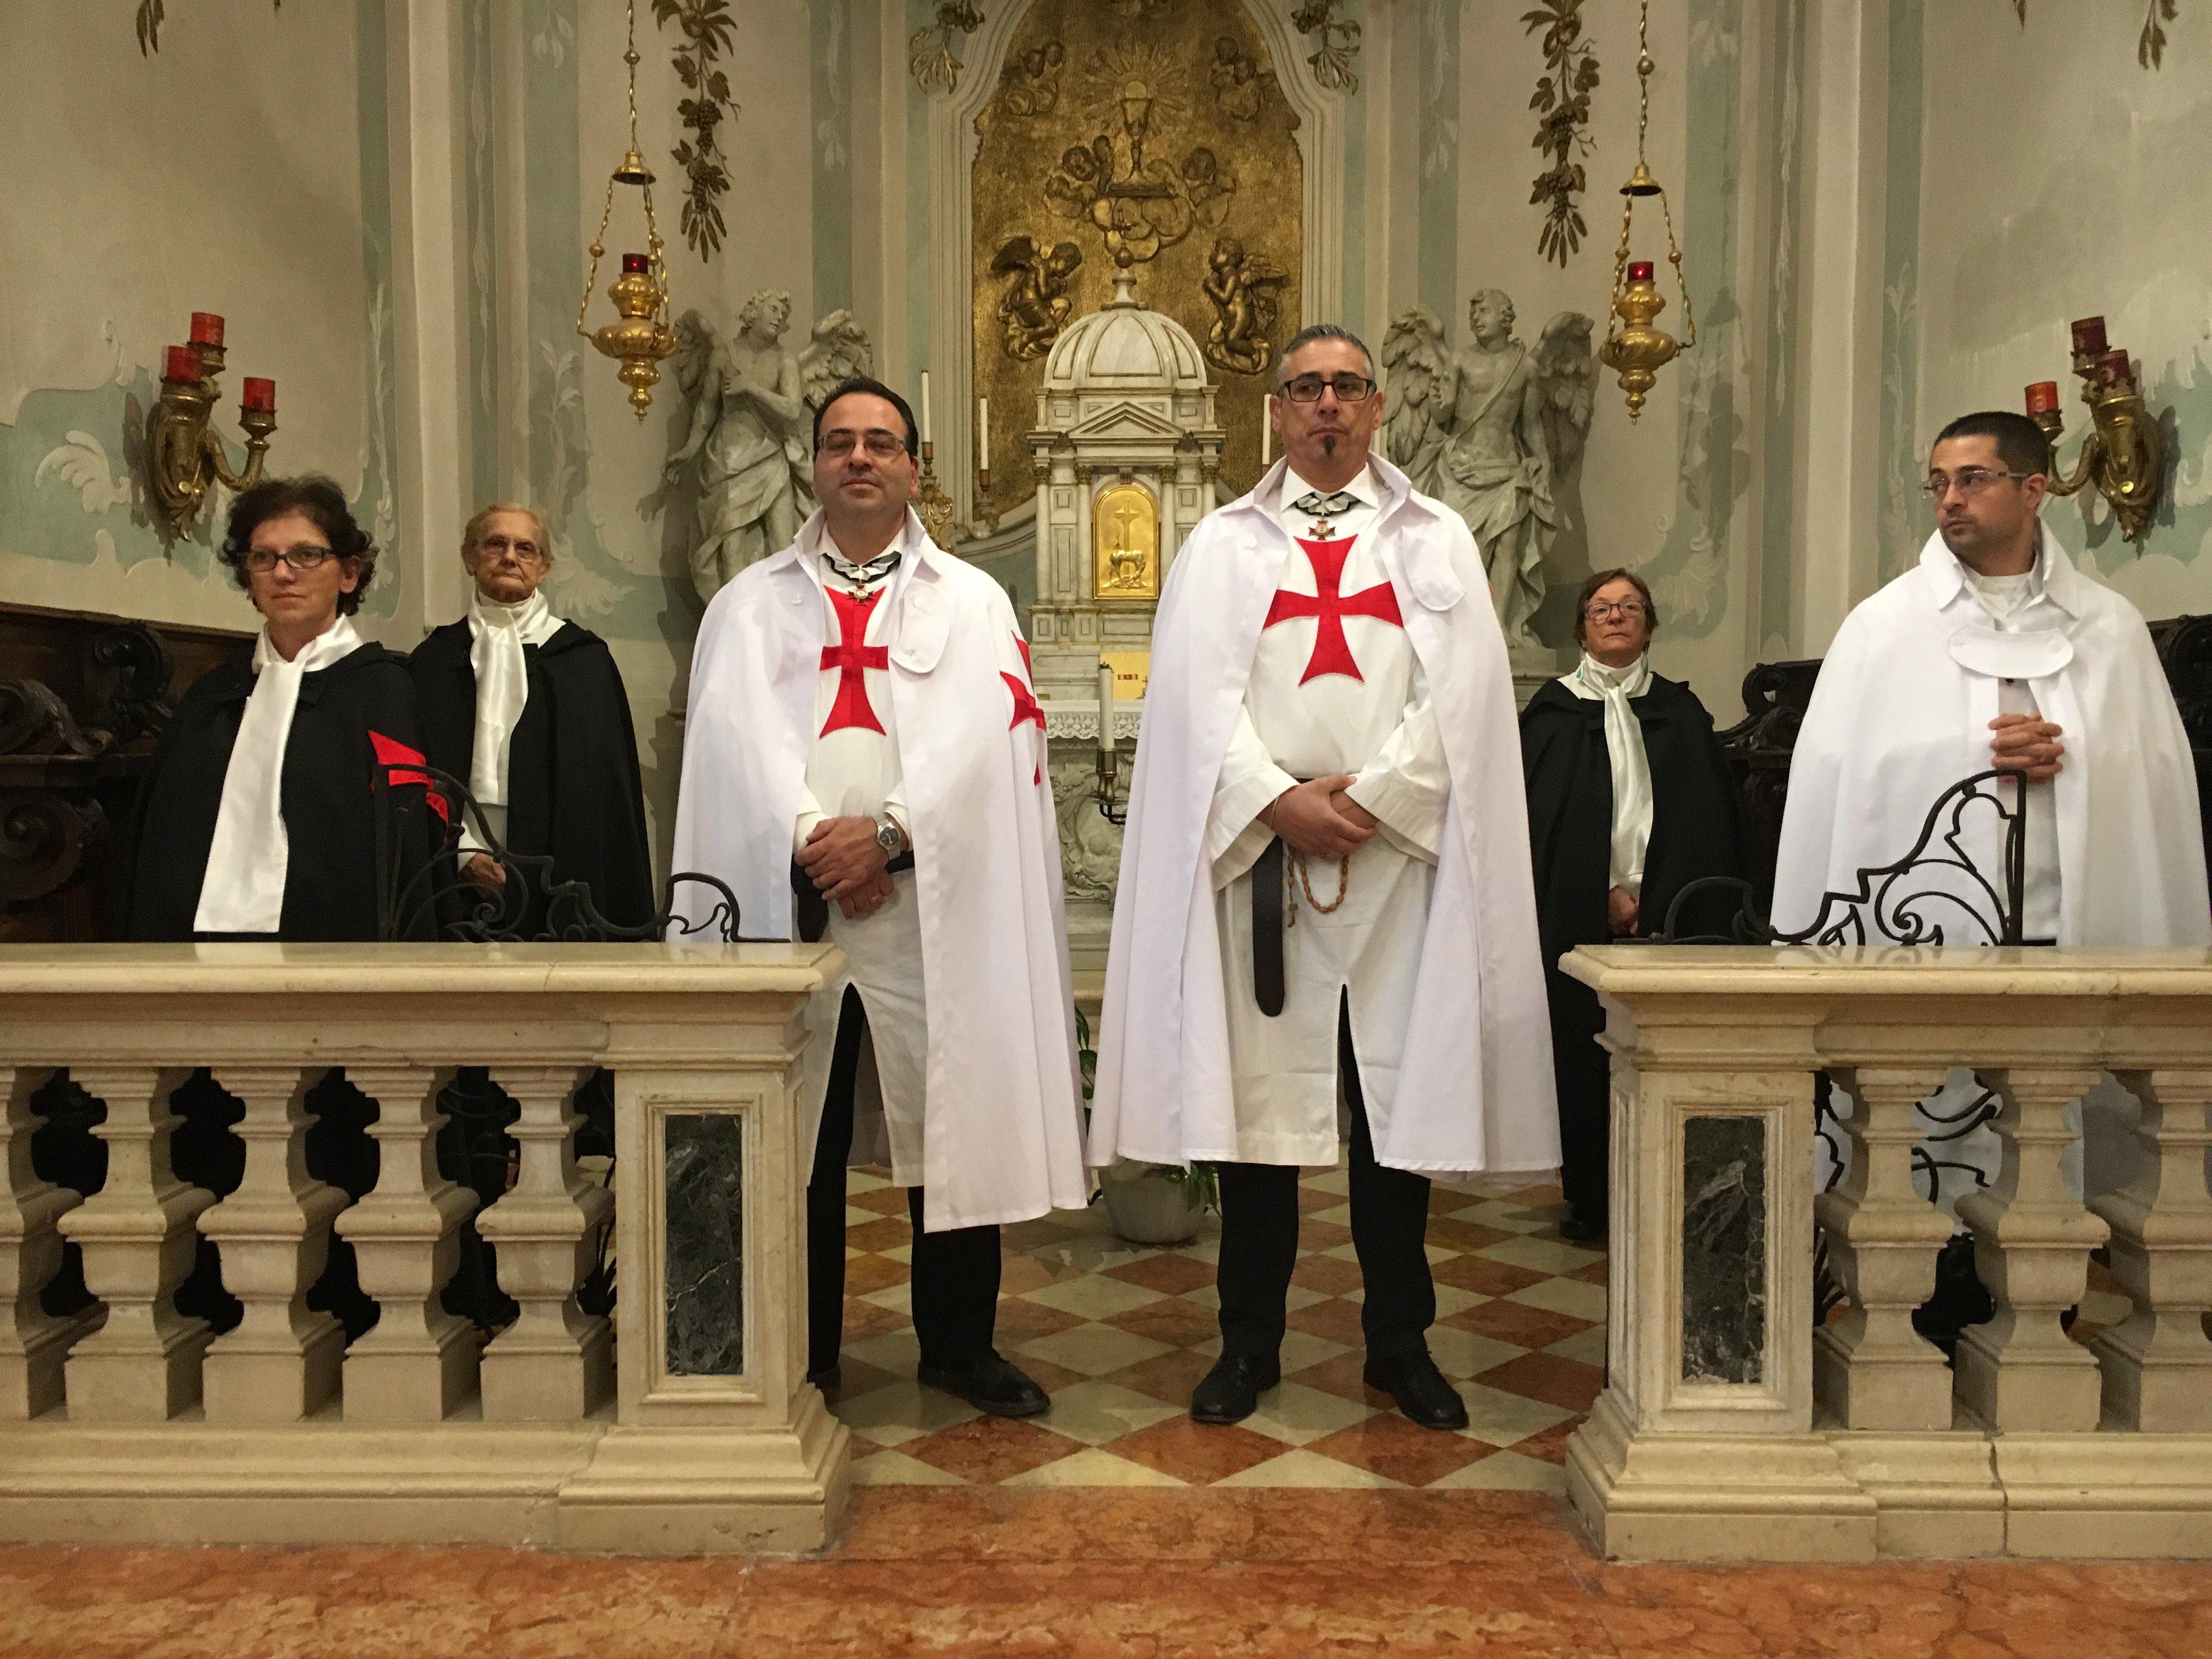 I Templari Cattolici d'Italia partecipano alla chiusura della Porta Santa a Pordenone